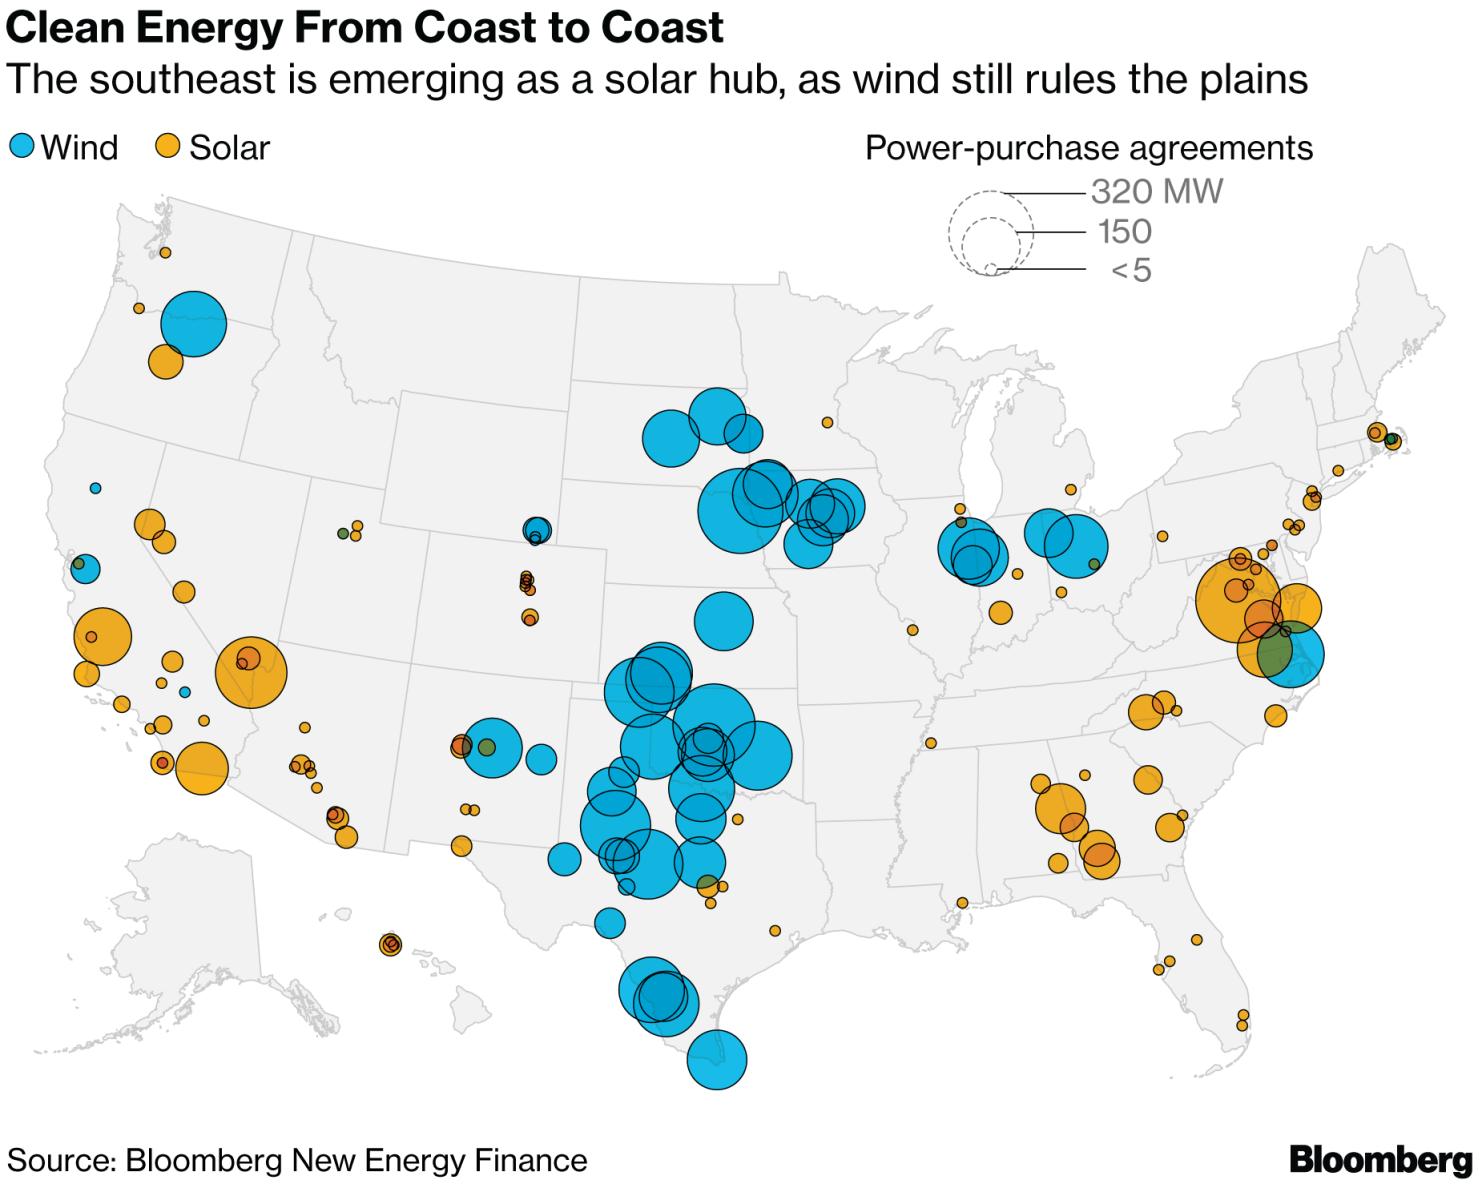 今年全球企业签署清洁电力协议,美国科技巨头为最大买家。